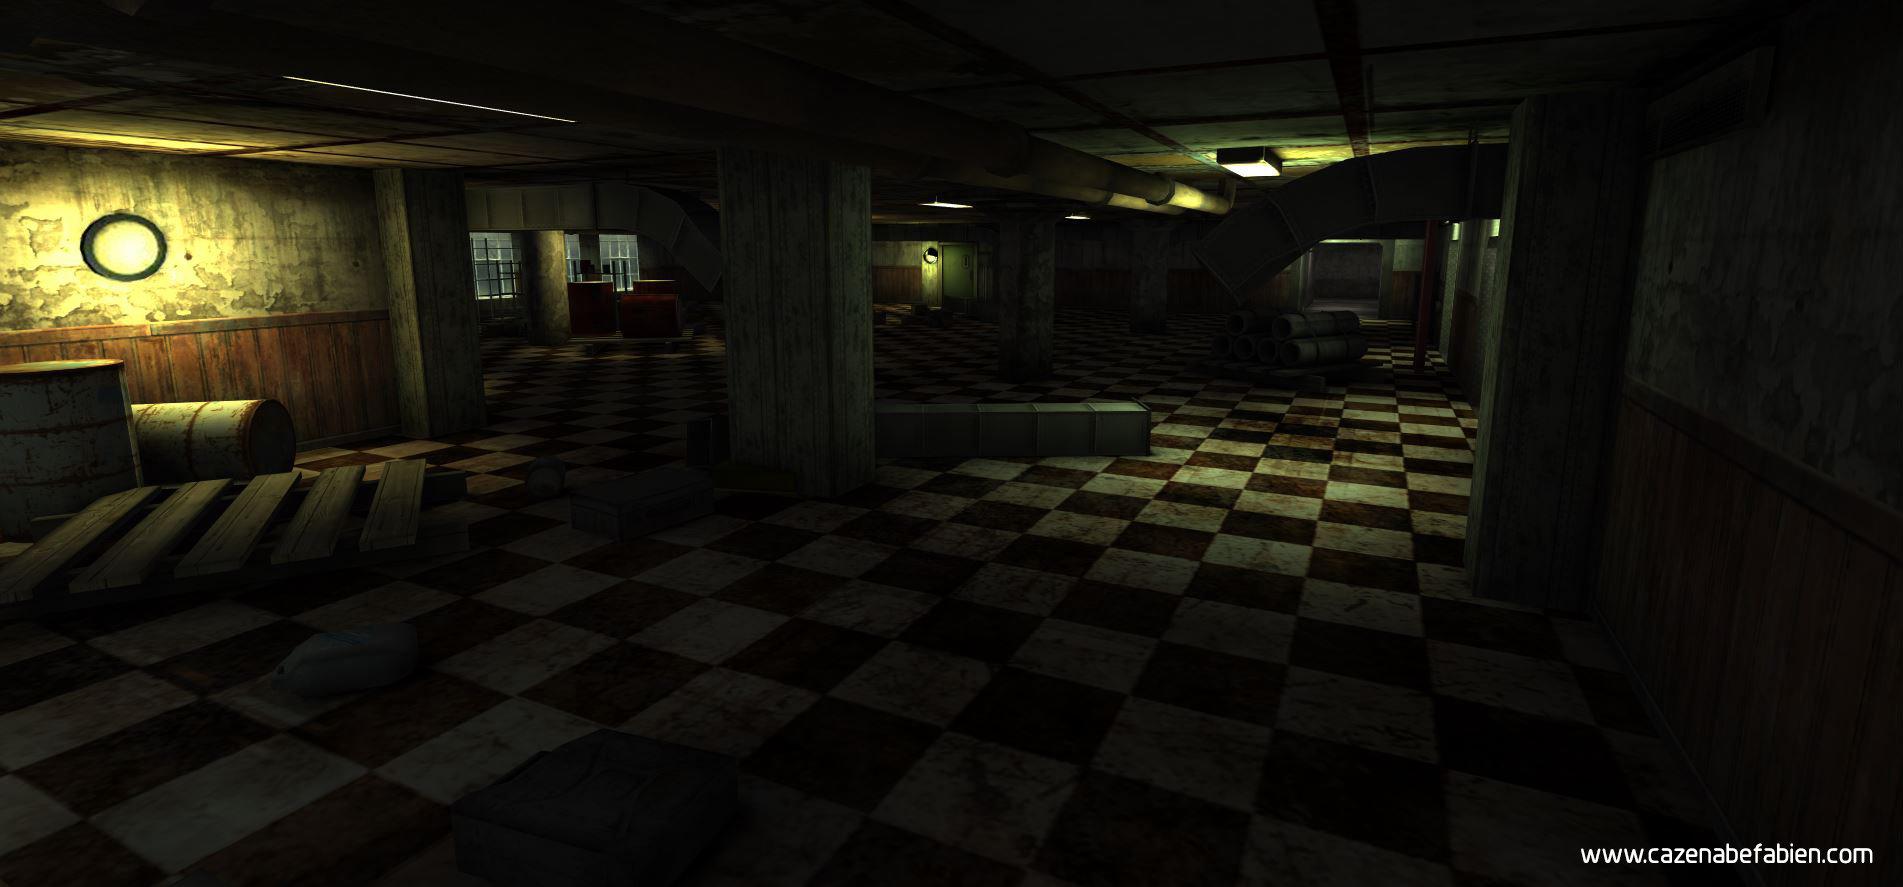 Fabien cazenabe warehouse 12